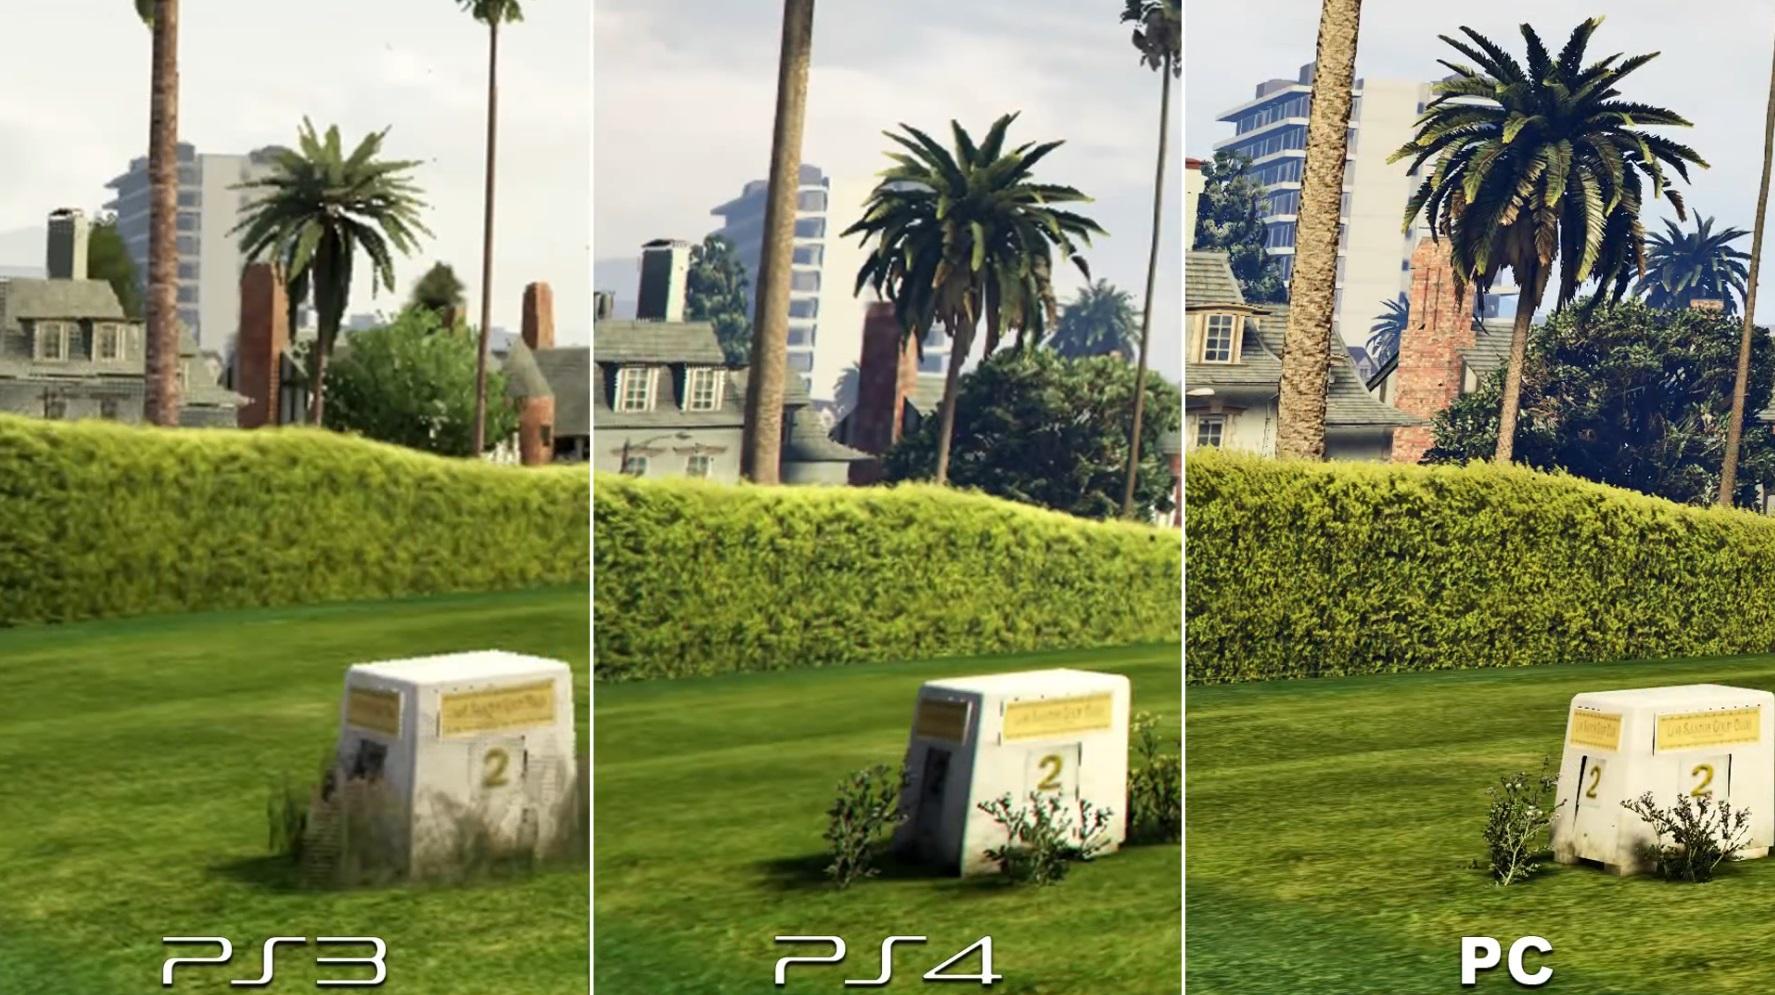 GTA 5 Comparatif Graphique PC 4K PS4 Et PS3 En Images